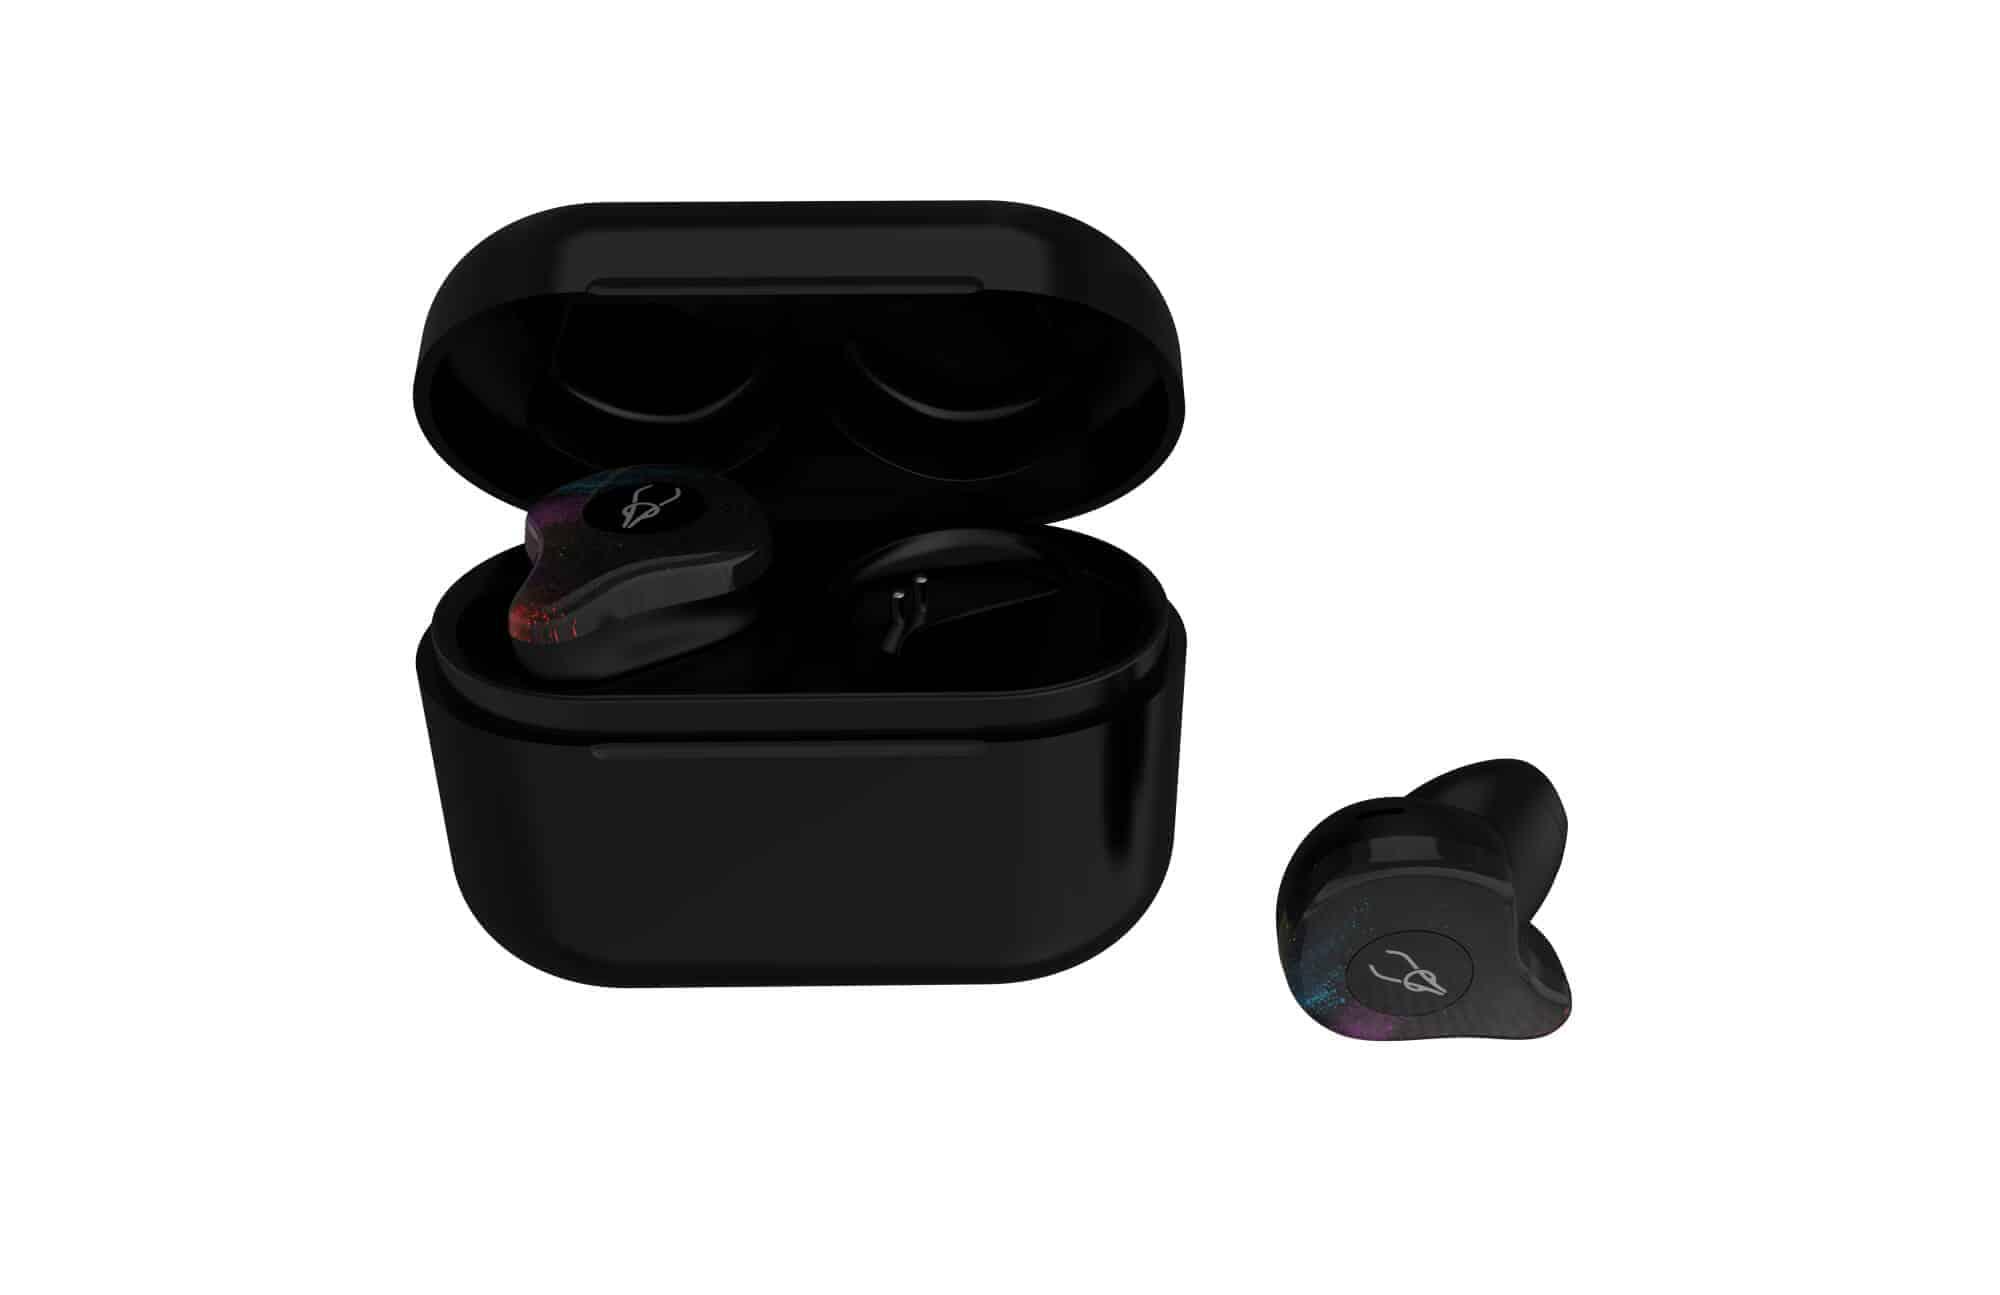 真無線藍芽耳機cp值推薦-sabbat-x12-pro